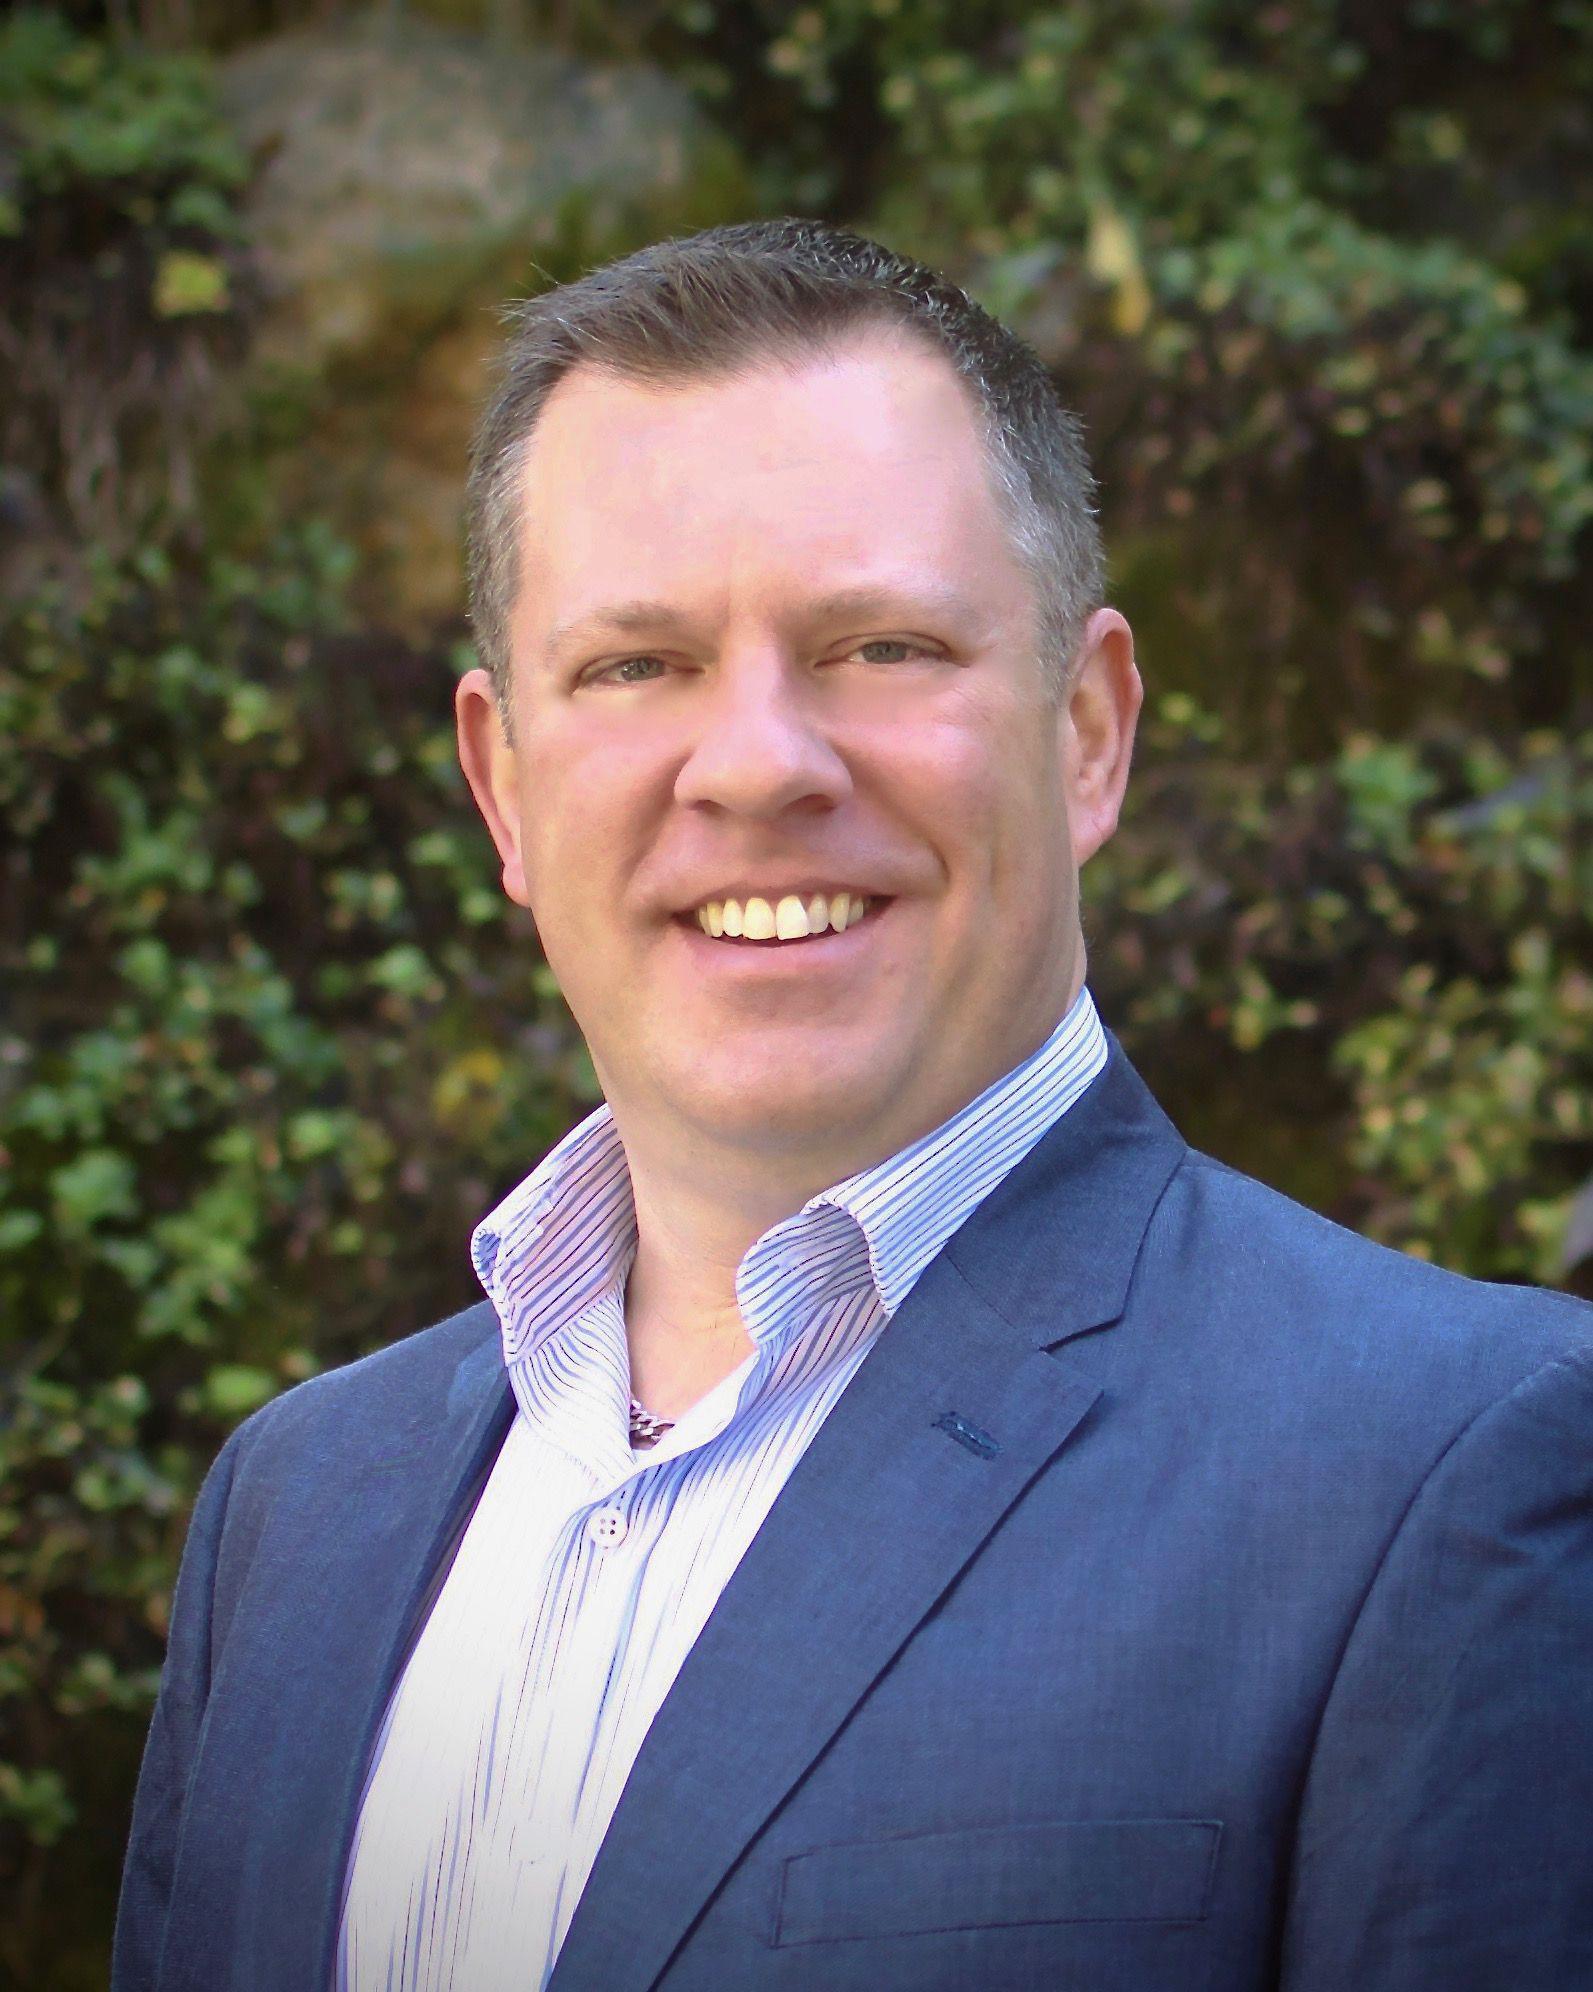 Allen Poppe Practice Director, Digital Business